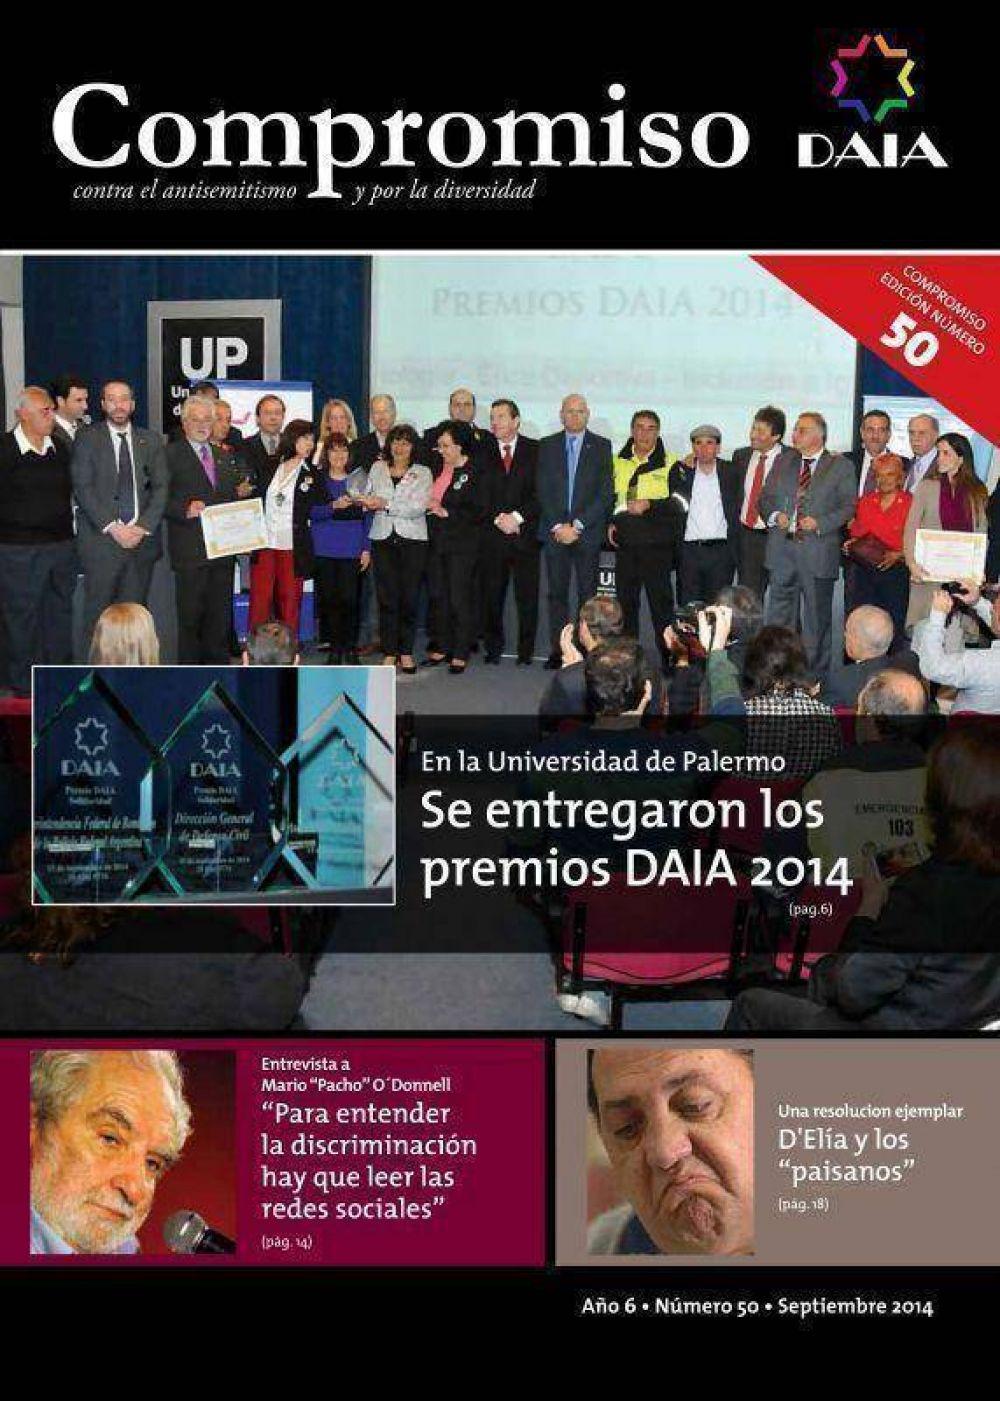 Nueva edición de la revista Compromiso